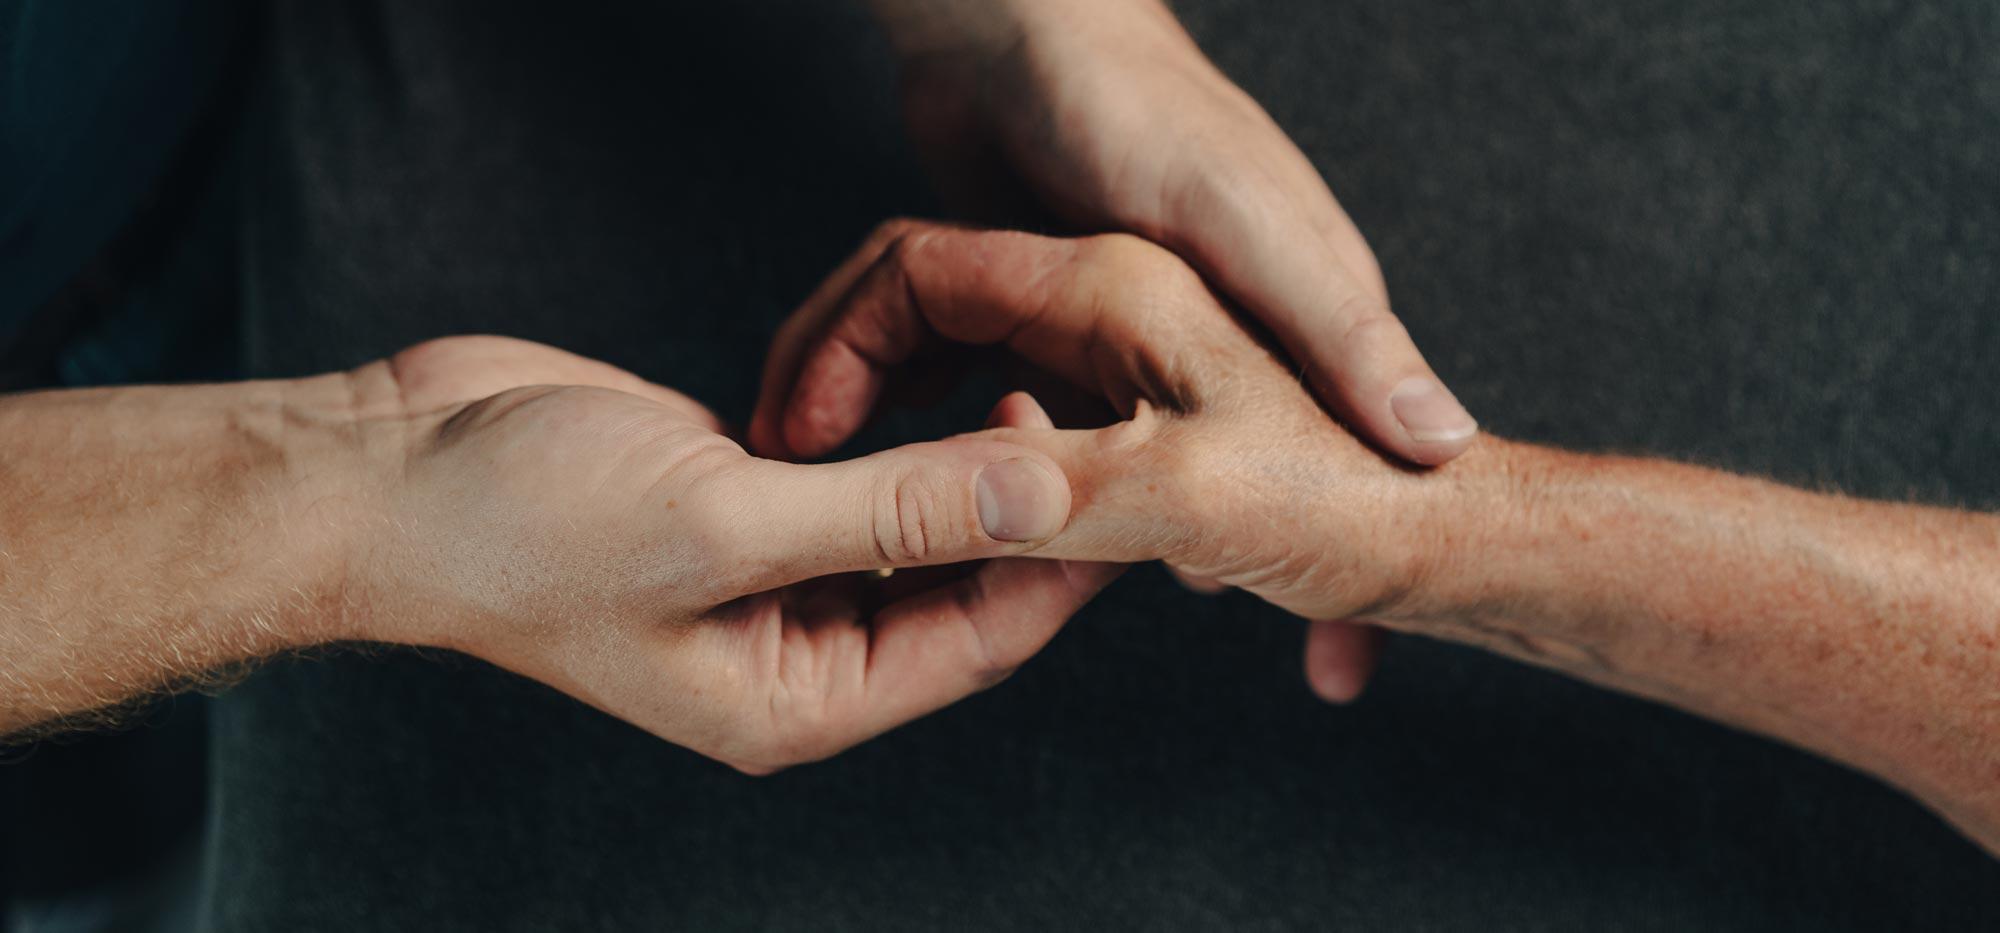 Handtherapie